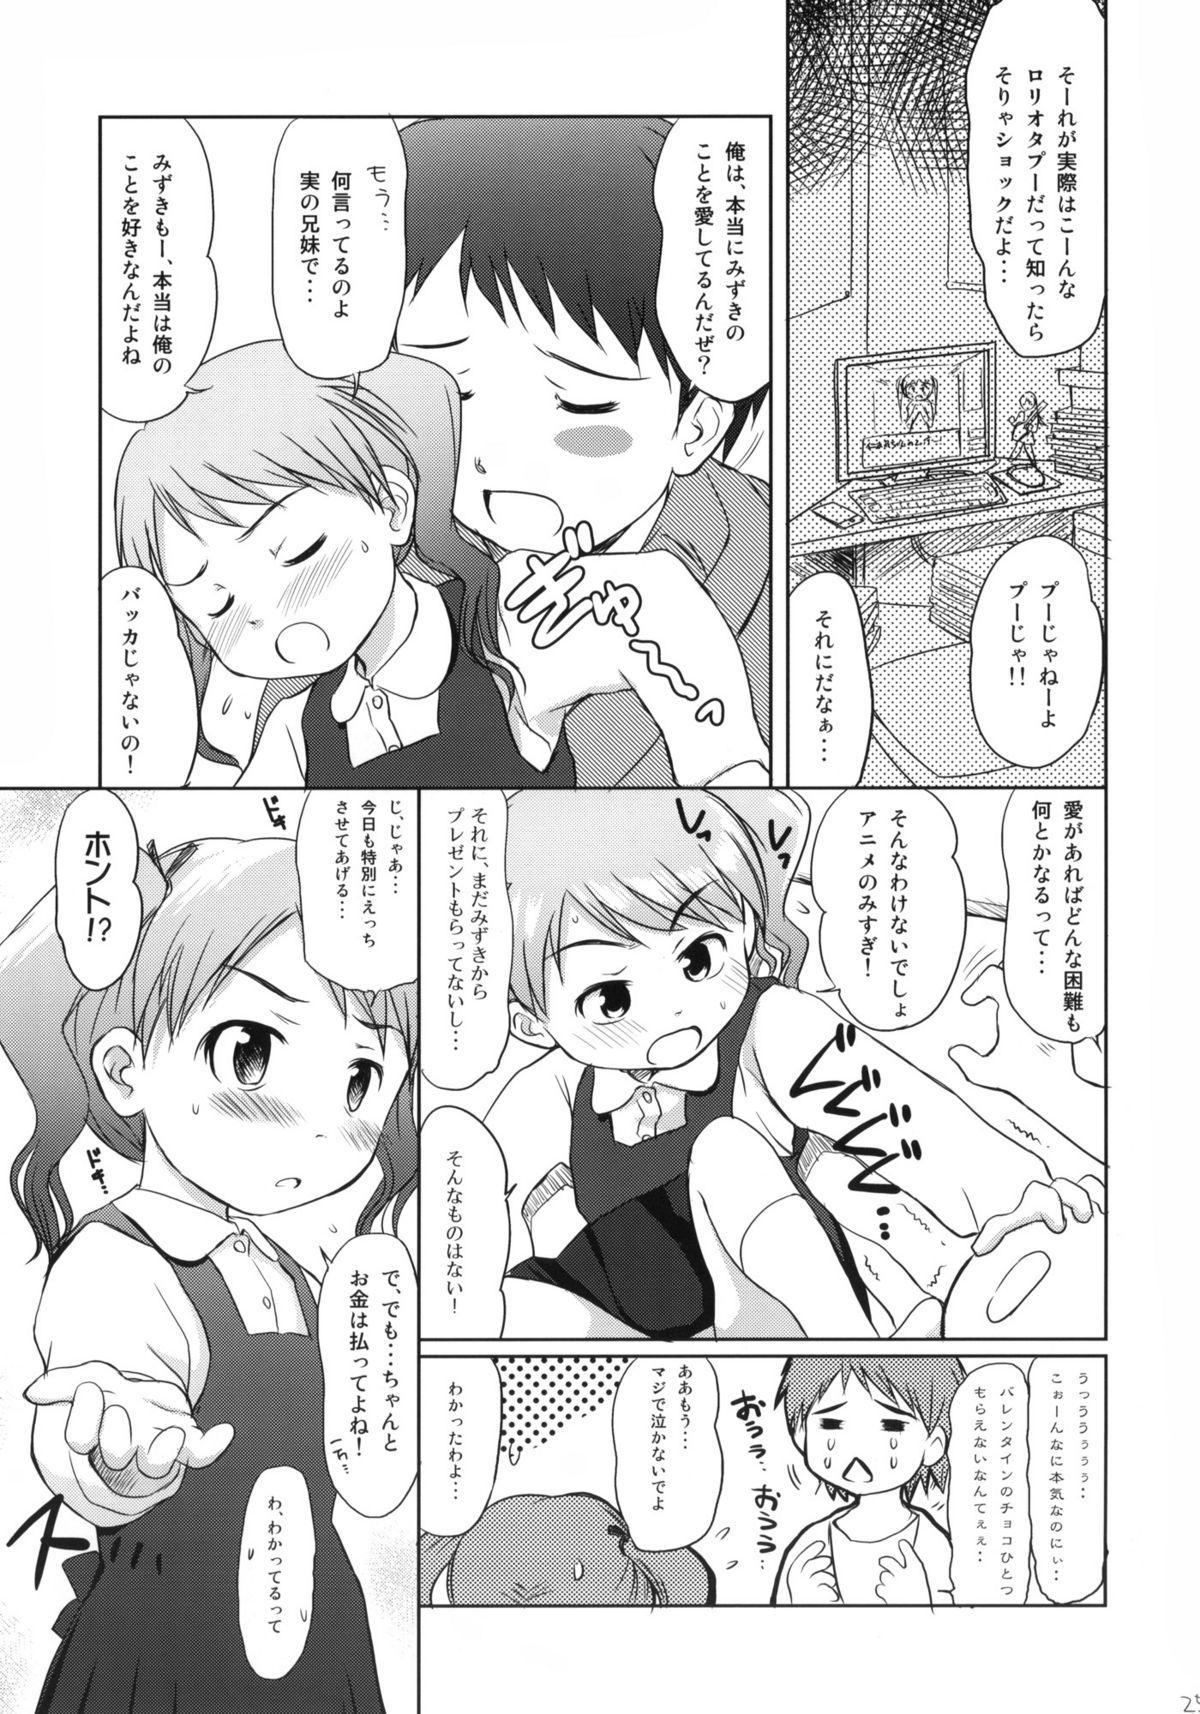 Imouto wa Minna Onii-chan ga Suki! 22